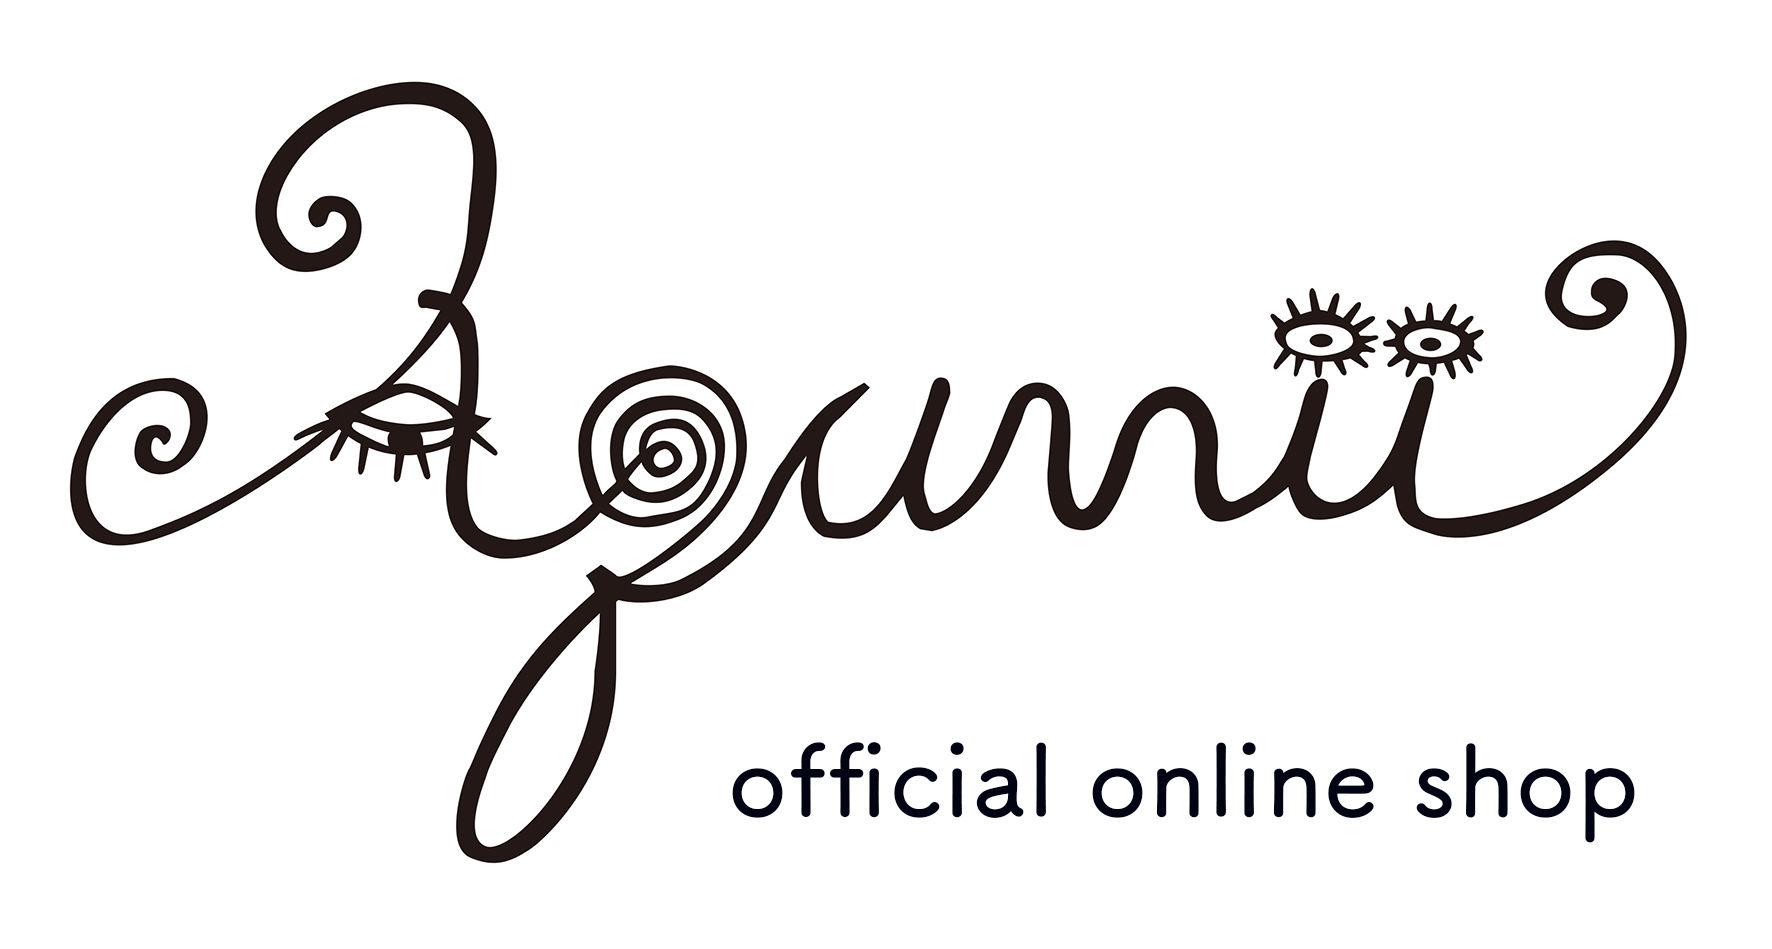 Aquvii webshop